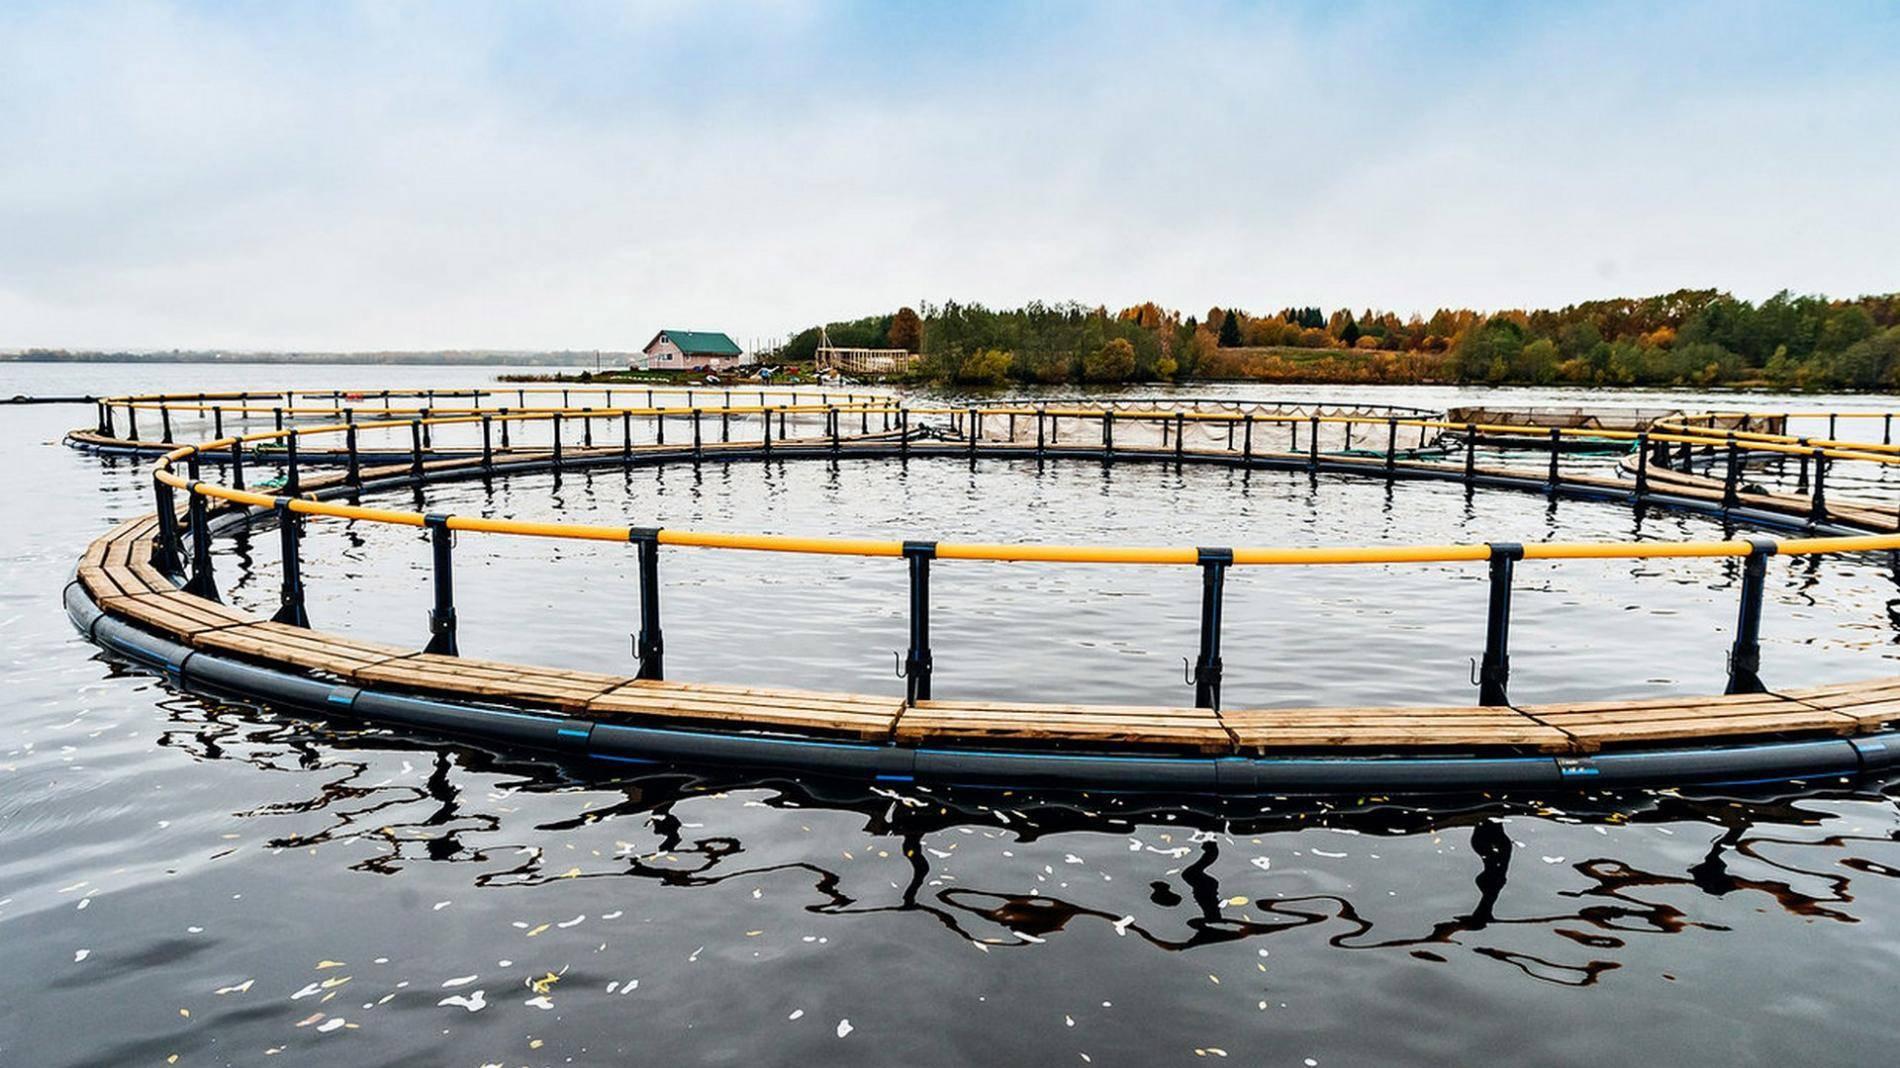 Березовский пруд — волоколамское шоссе, 78 км от мкад